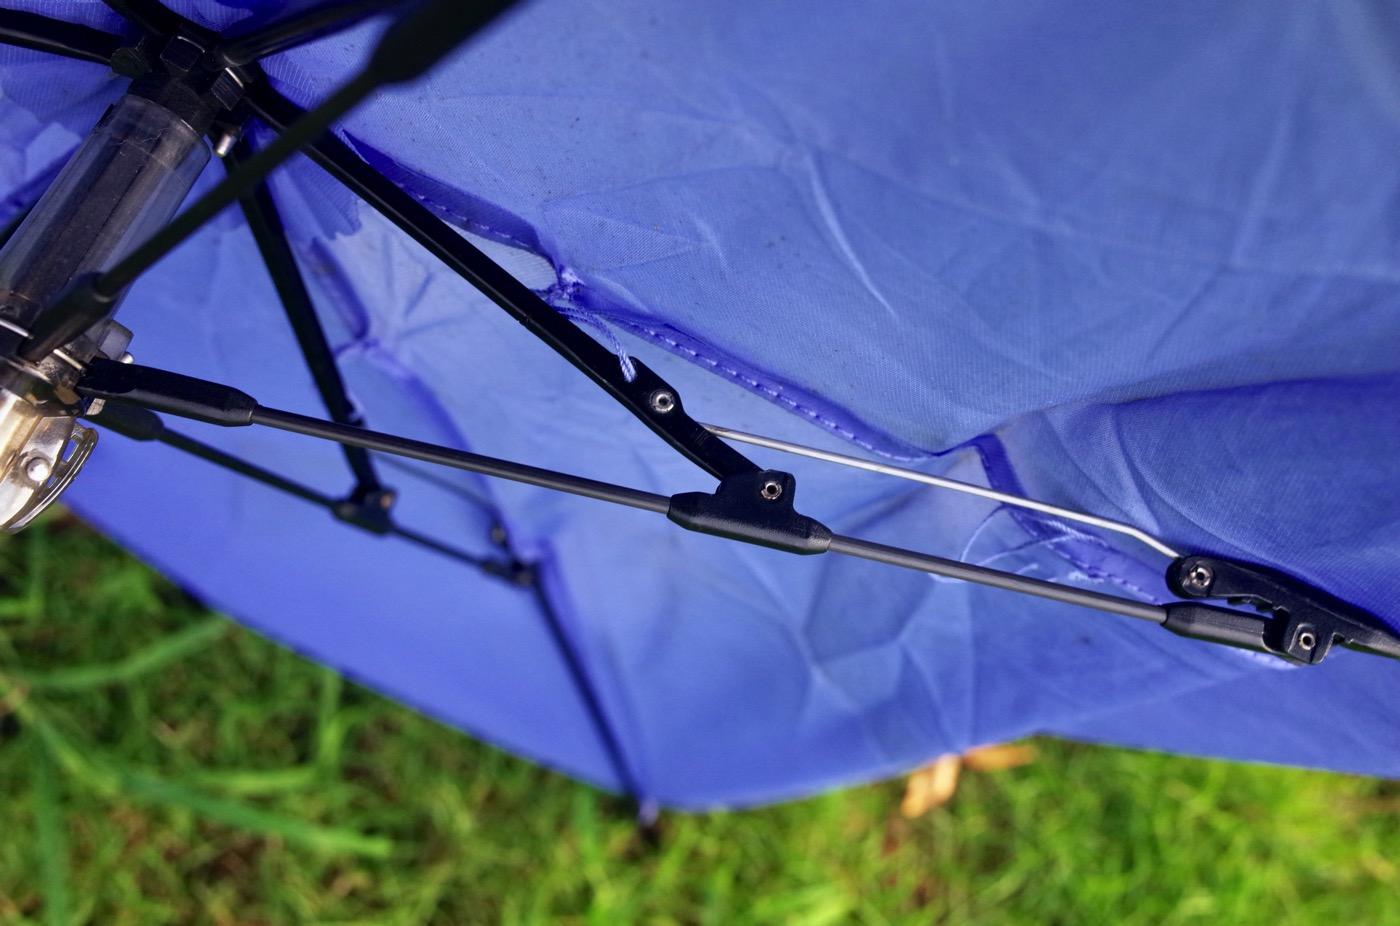 Uvion 8803 ultra lightweight folding umbrella 00013